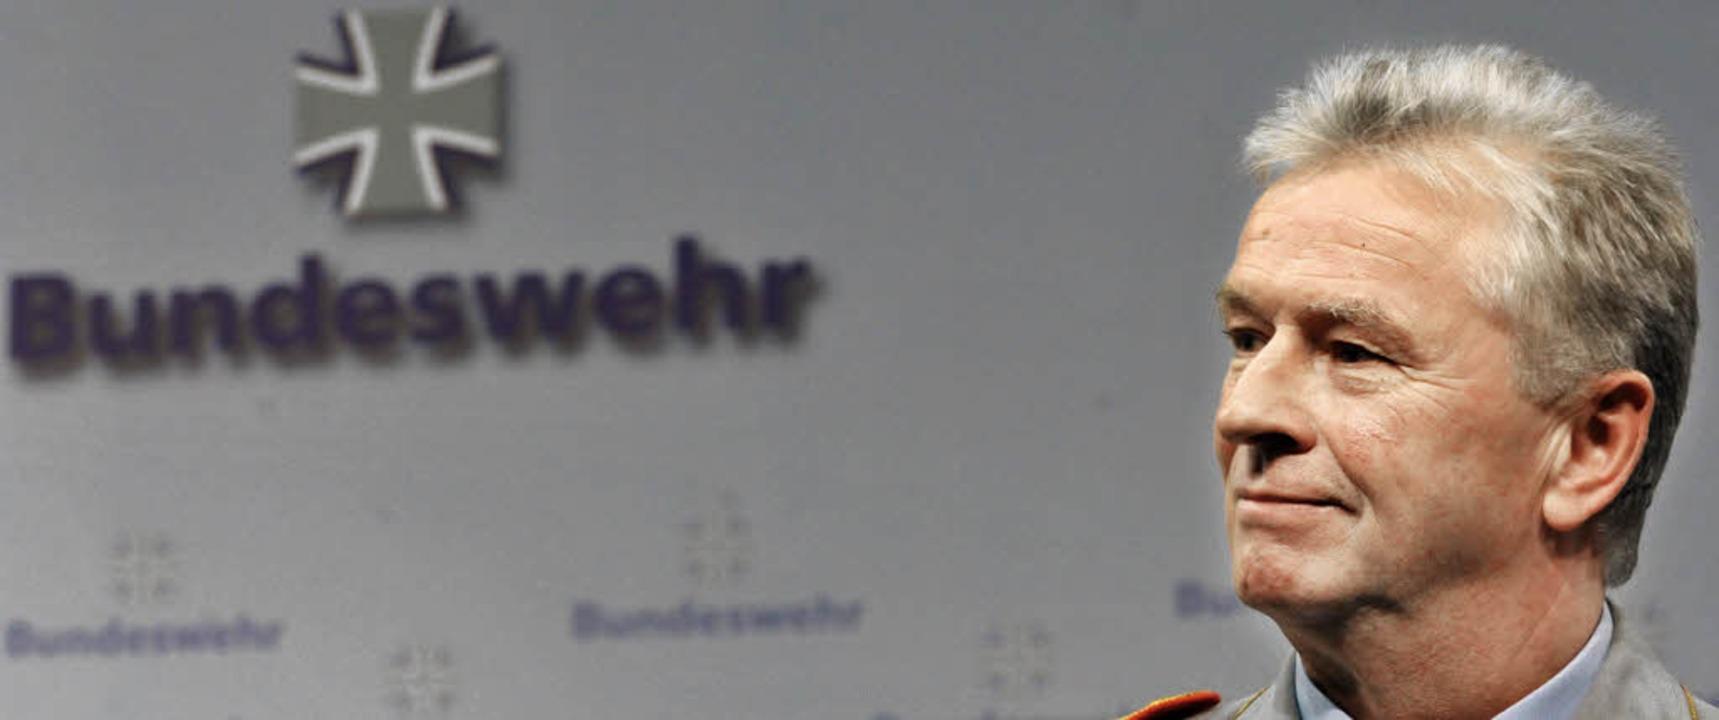 Deutschlands erster Soldat: Generalinspekteur Volker Wieker   | Foto: dpa